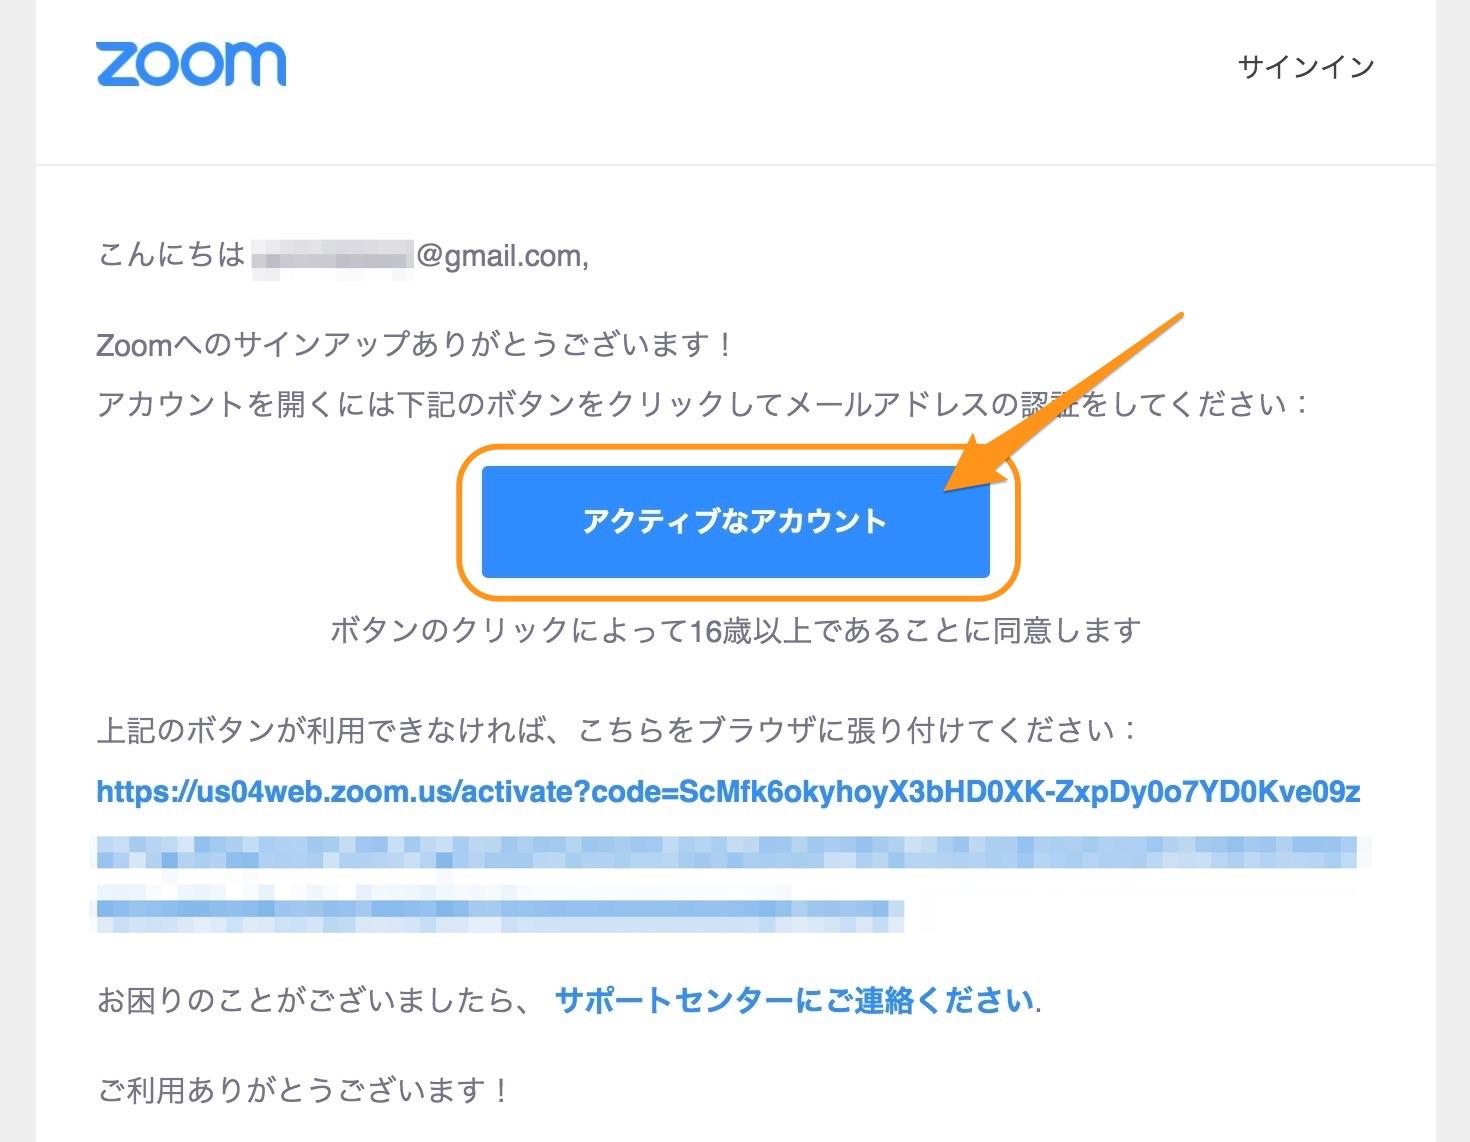 アカウント 作成 zoom